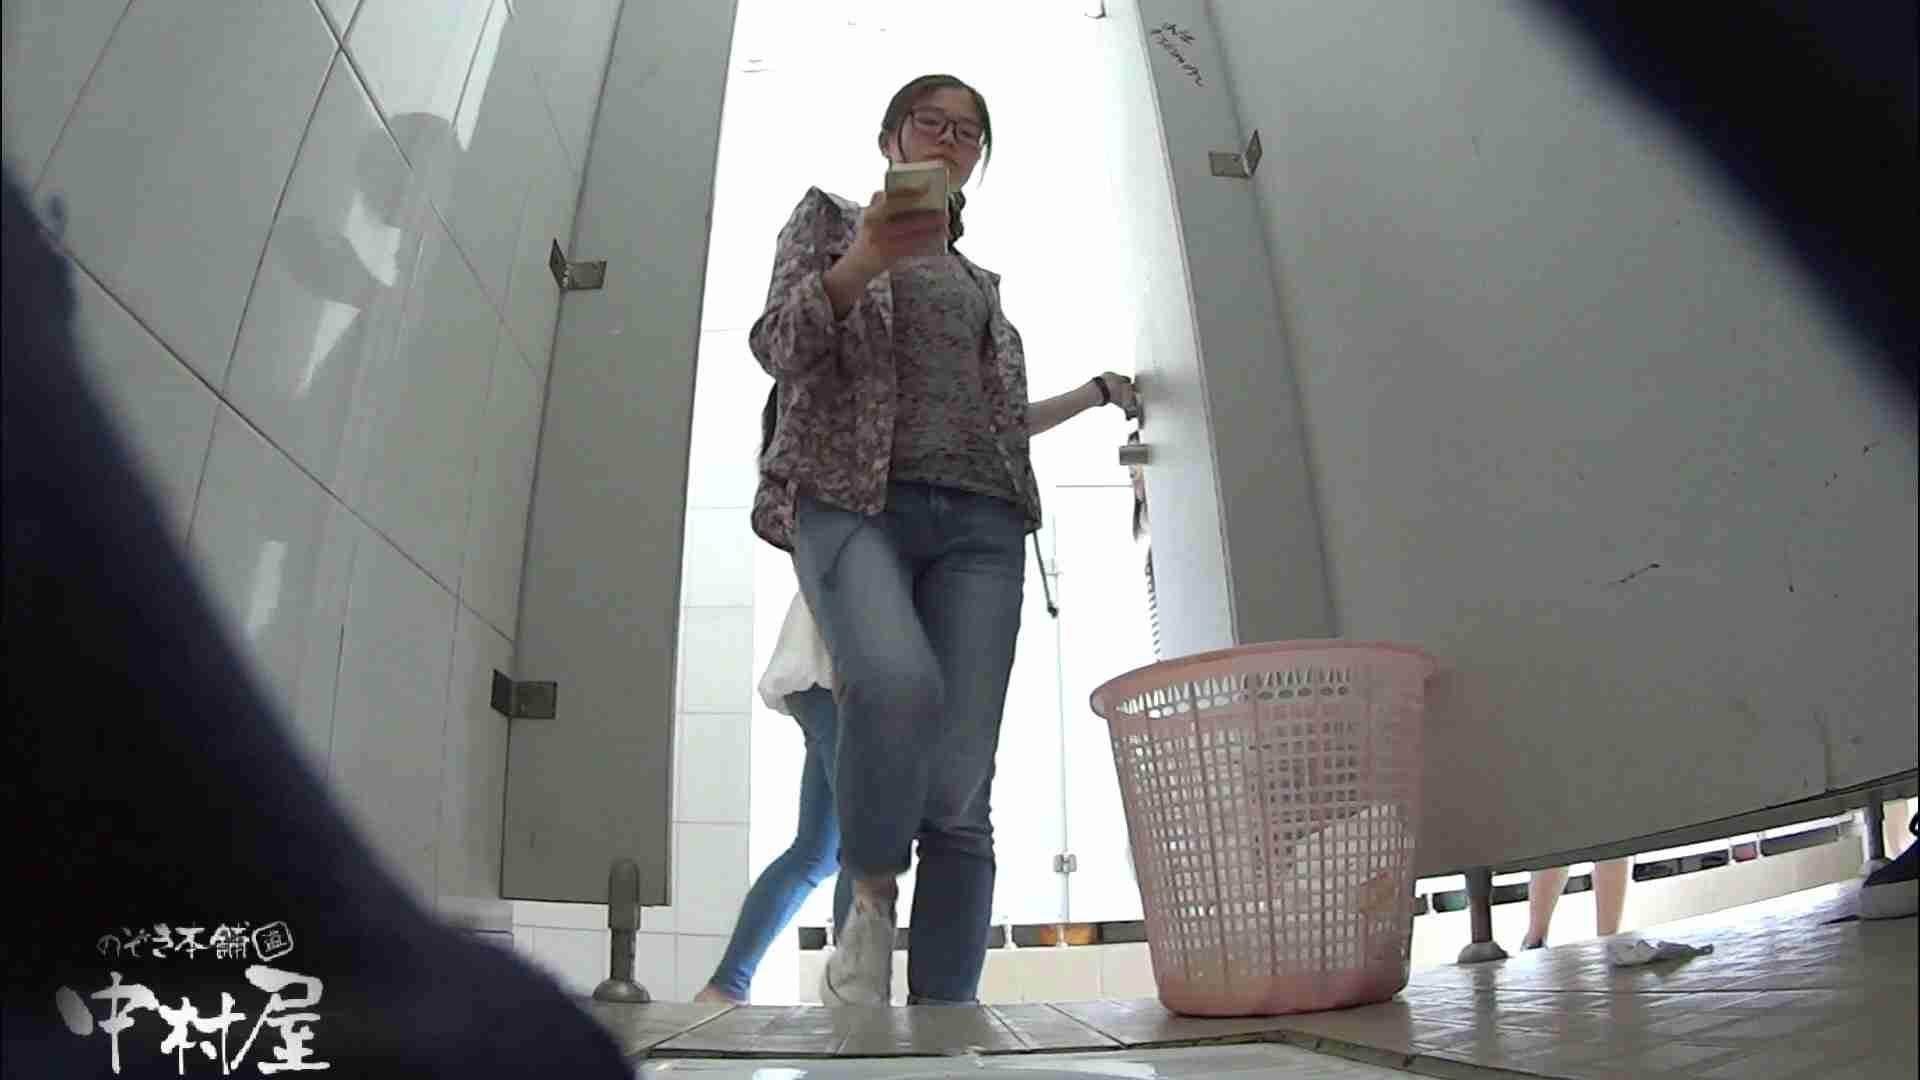 名大学休憩時間の洗面所事情01 お姉さん丸裸 ワレメ動画紹介 95pic 39